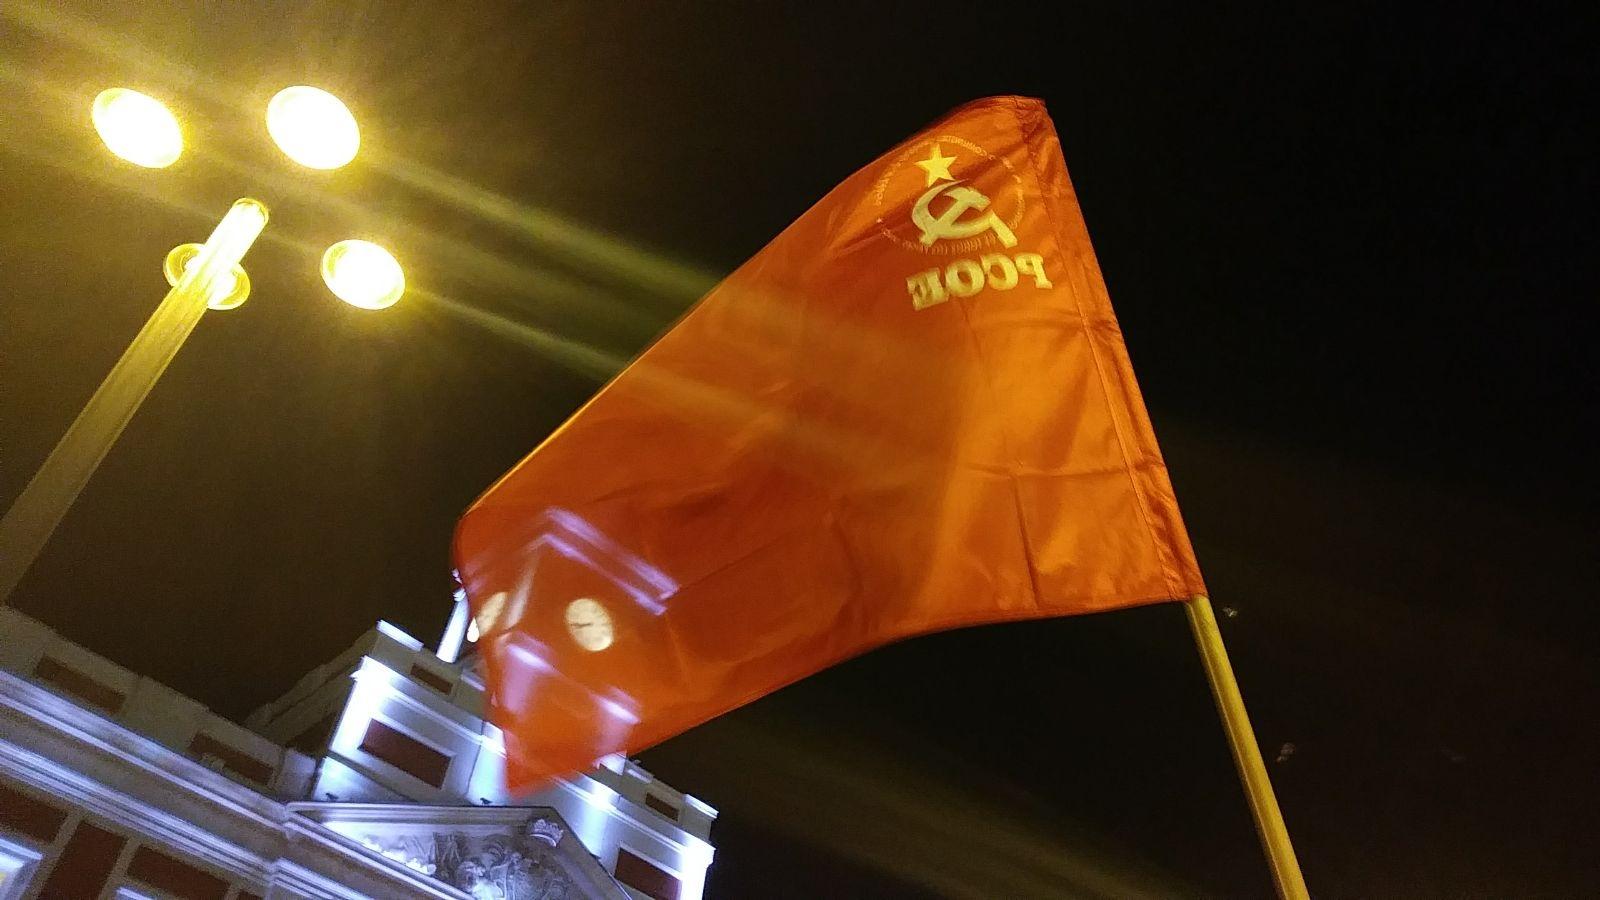 El Partido Comunista Obrero Español asistió el pasado martes ,13 de febrero, a la manifestación convocada en Sol para mostrar su solidaridad con aquellos que sufren la represión del reaccionario…